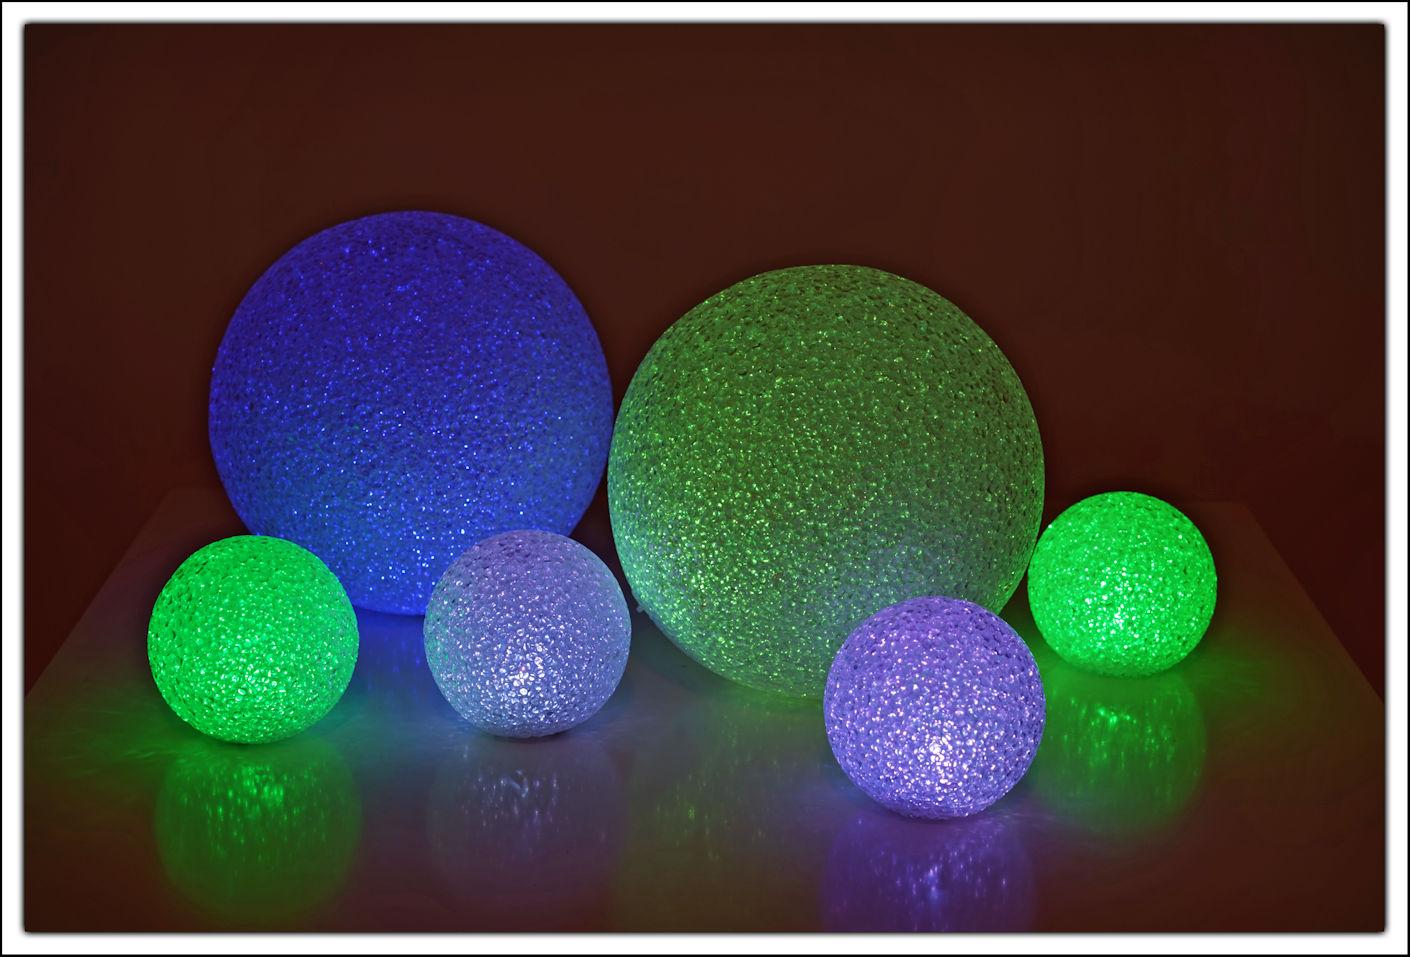 led leuchtkugel 14 cm mit farbwechsel ball kugel lampe. Black Bedroom Furniture Sets. Home Design Ideas